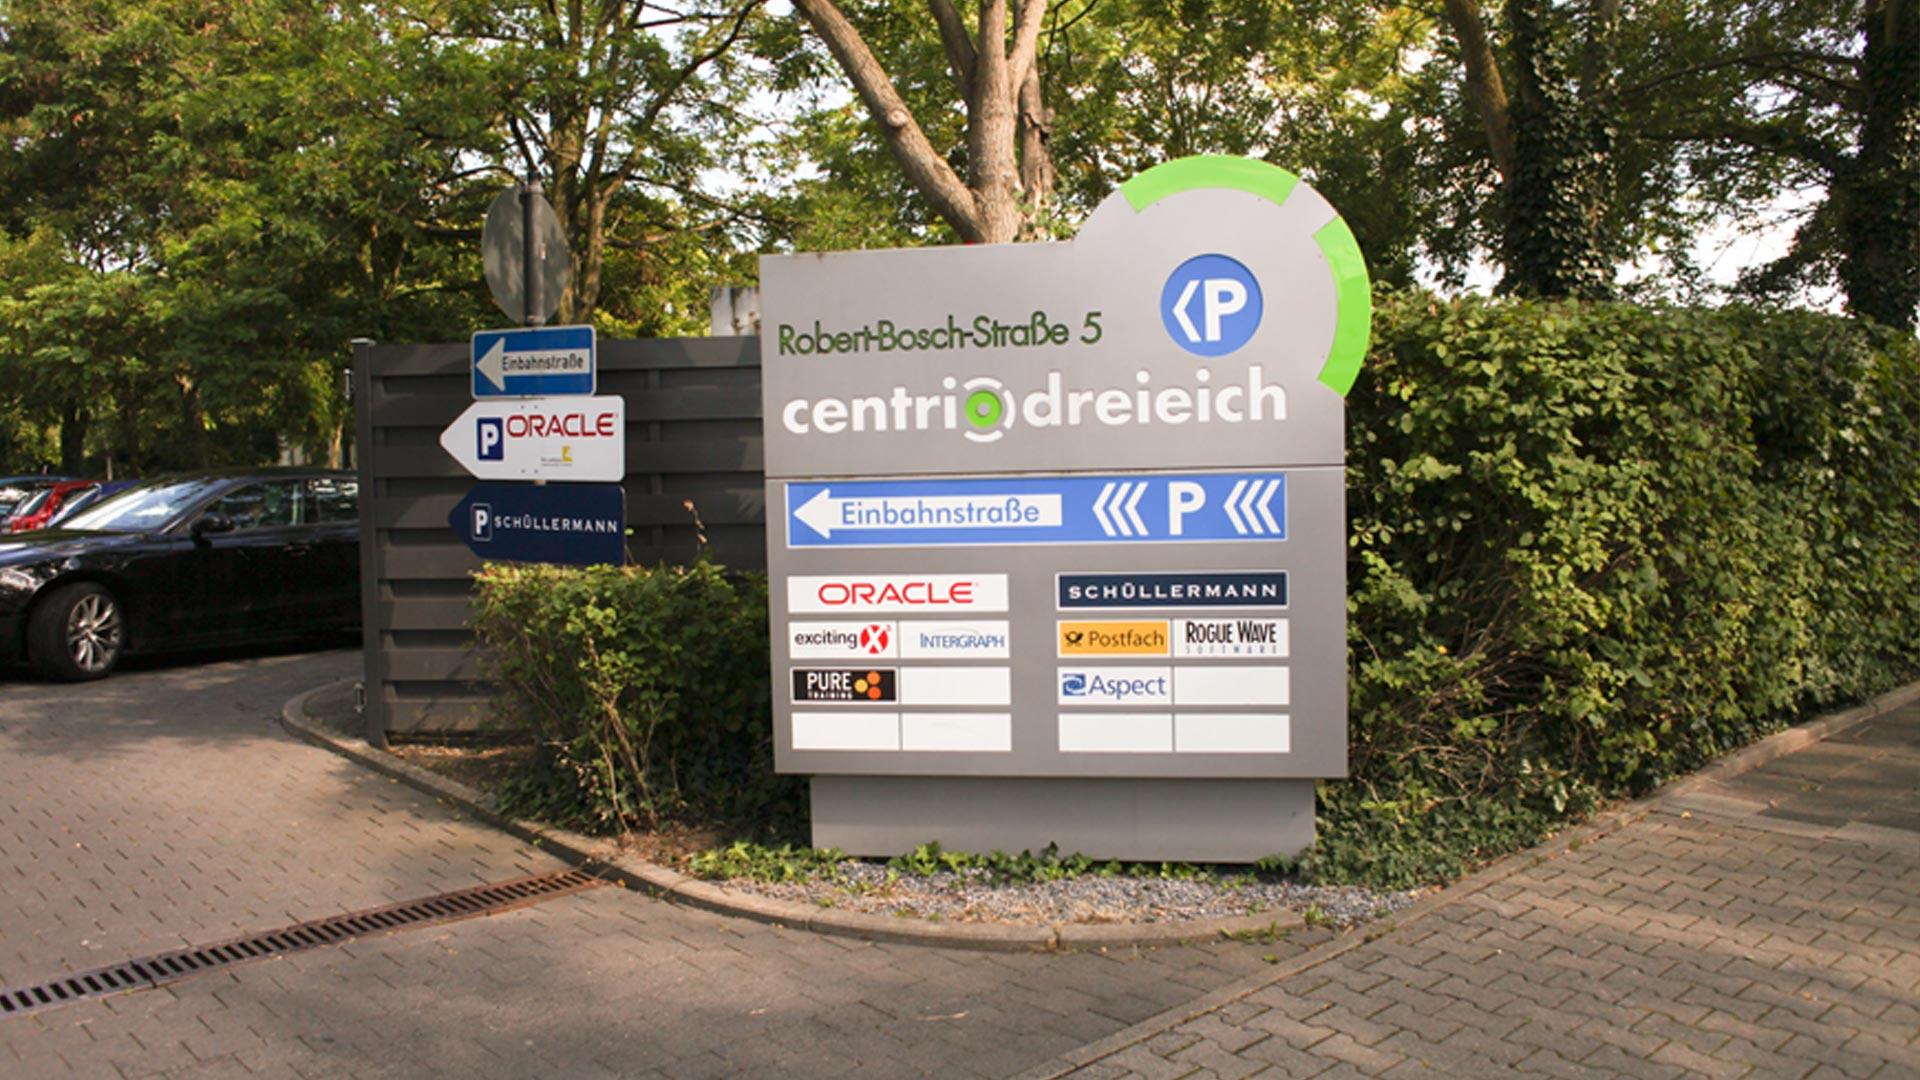 MAASS-Lichtplanung_Lichtwerbung als Leitsystem__MAASS-Centrio-Dreieeich-005